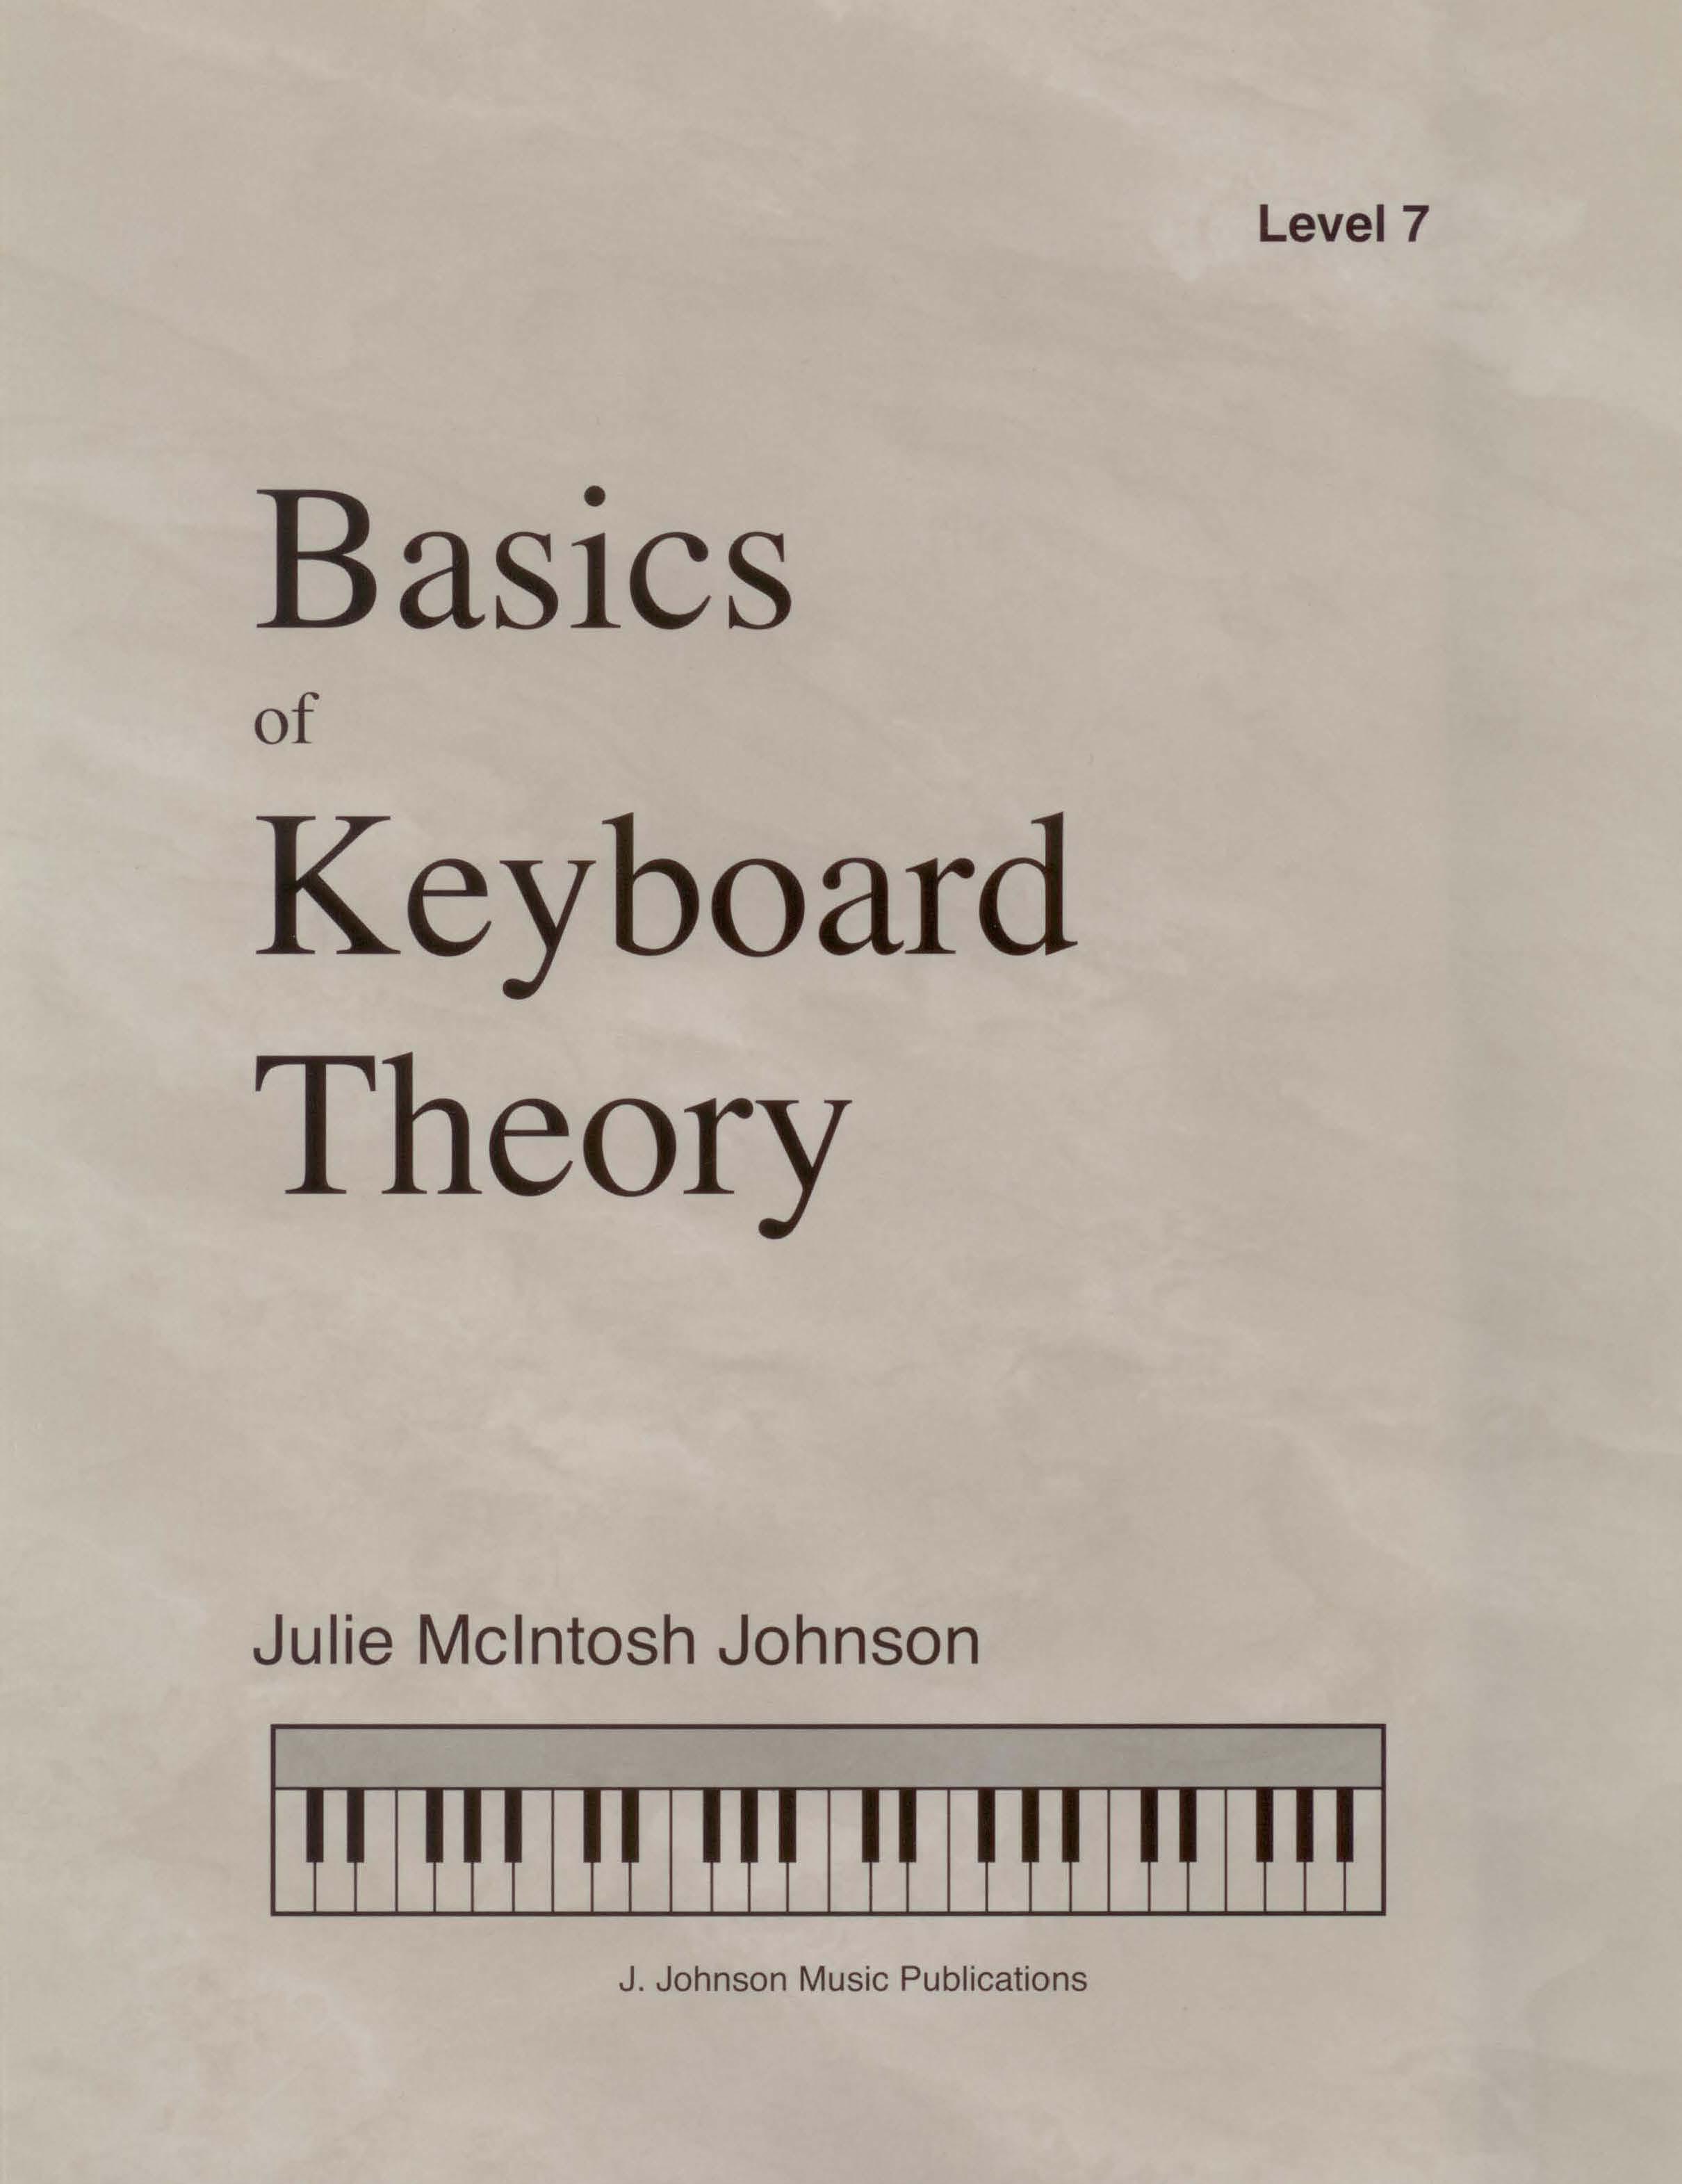 Basics of Keyboard Theory Level 7